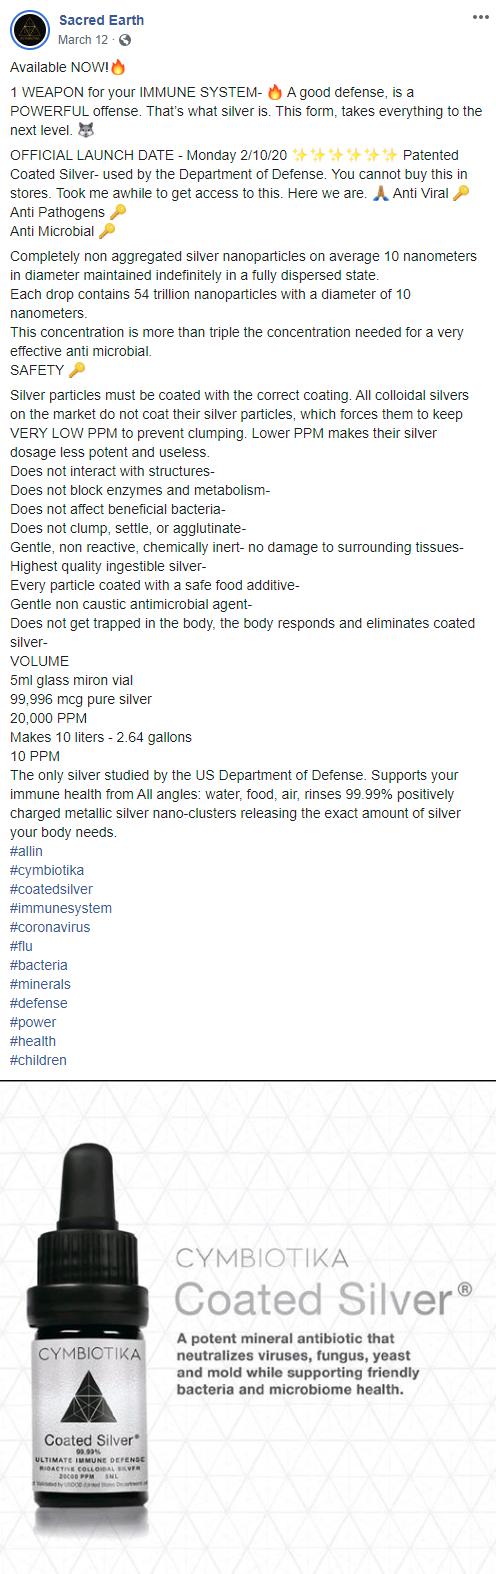 Cymbiotika March 12 FB post